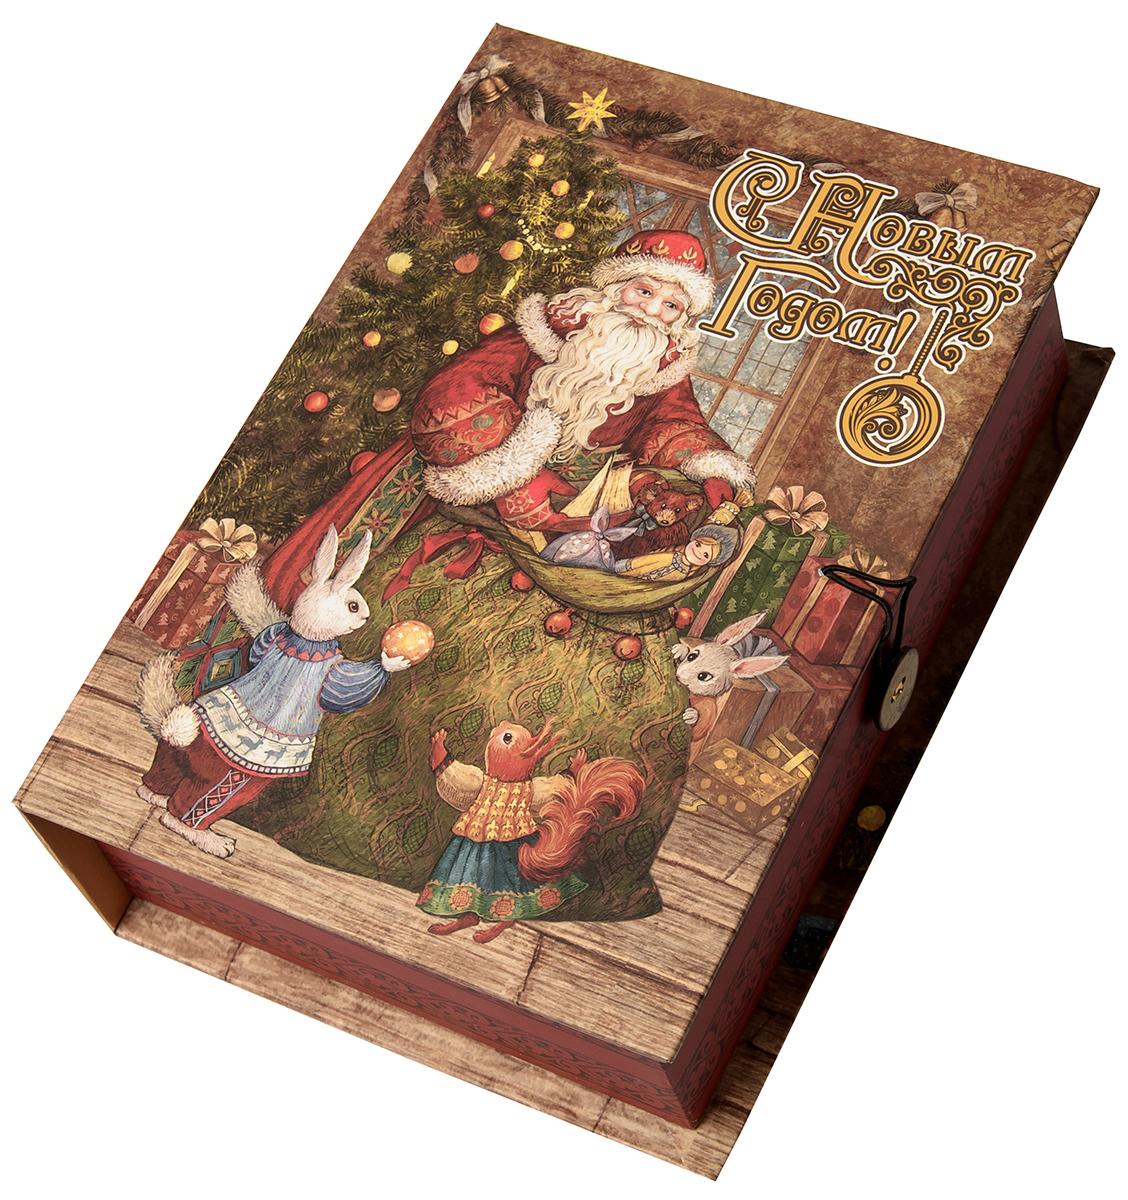 Коробка подарочная Magic Time Мешок с подарками, размер M. 7504775047Подарочная коробка Magic Time, выполненная из мелованного, ламинированного картона, закрывается на пуговицу. Крышка оформлена декоративным рисунком.Подарочная коробка - это наилучшее решение, если вы хотите порадовать ваших близких и создать праздничное настроение, ведь подарок, преподнесенный в оригинальной упаковке, всегда будет самым эффектным и запоминающимся. Окружите близких людей вниманием и заботой, вручив презент в нарядном, праздничном оформлении.Плотность картона: 1100 г/м2.